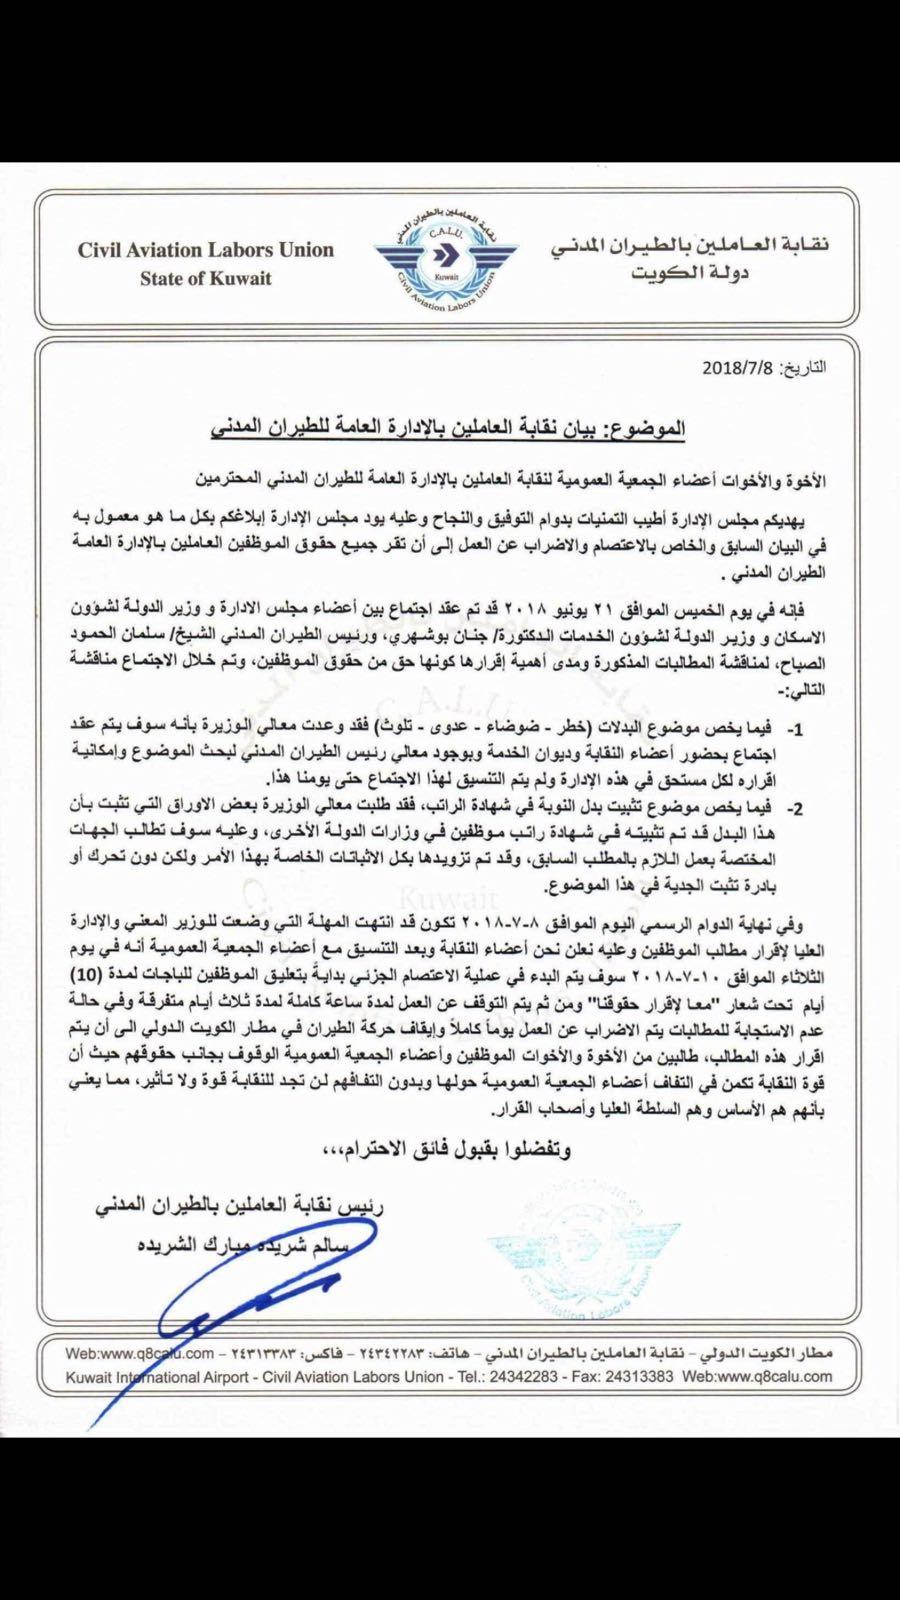 بيان نقابة الطيران المدني #الكويت | مجلة القمة